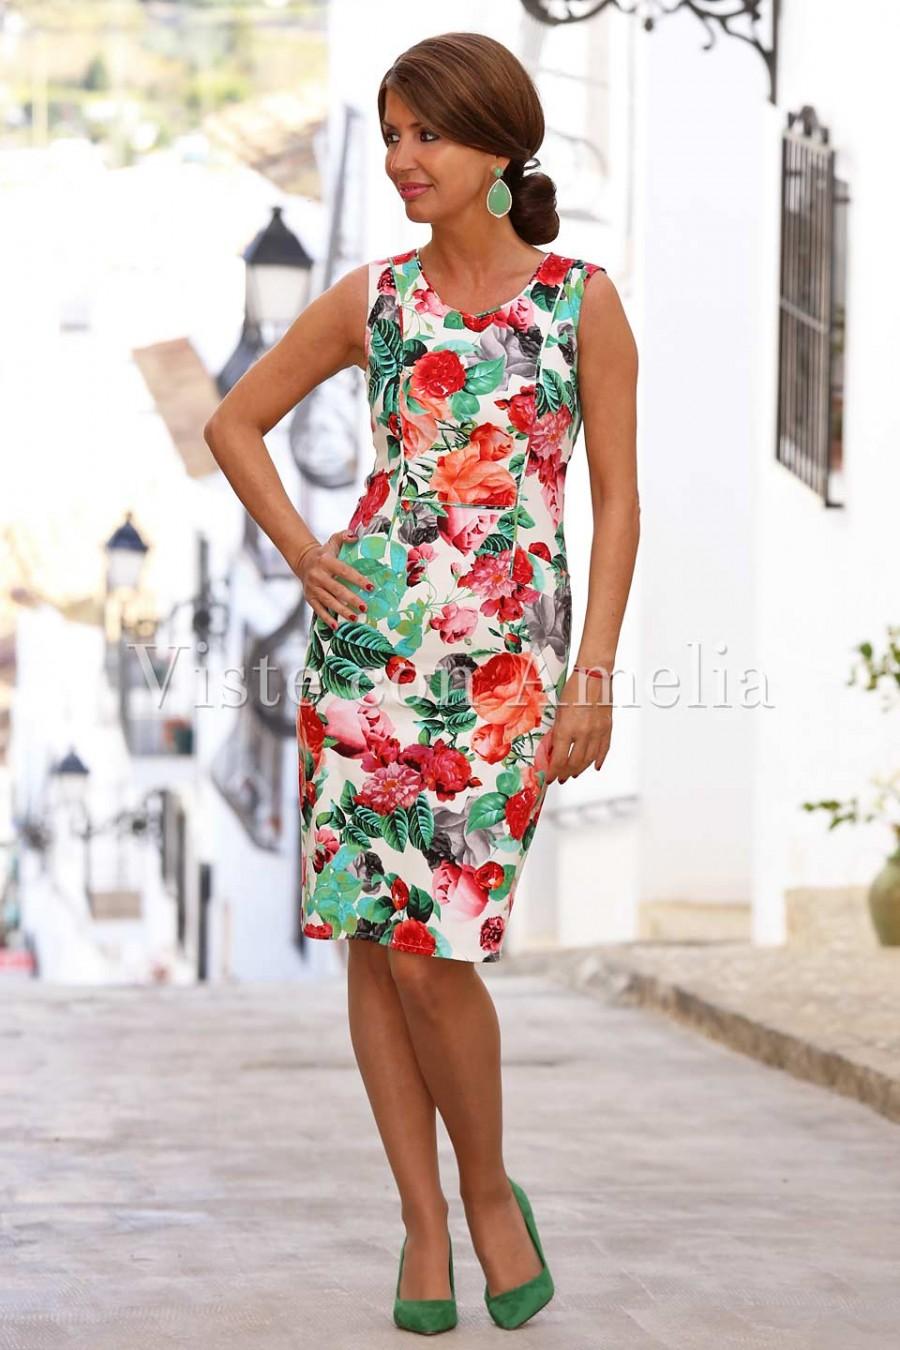 Vestidos de estampado floral para dar la bienvenida al buen tiempo